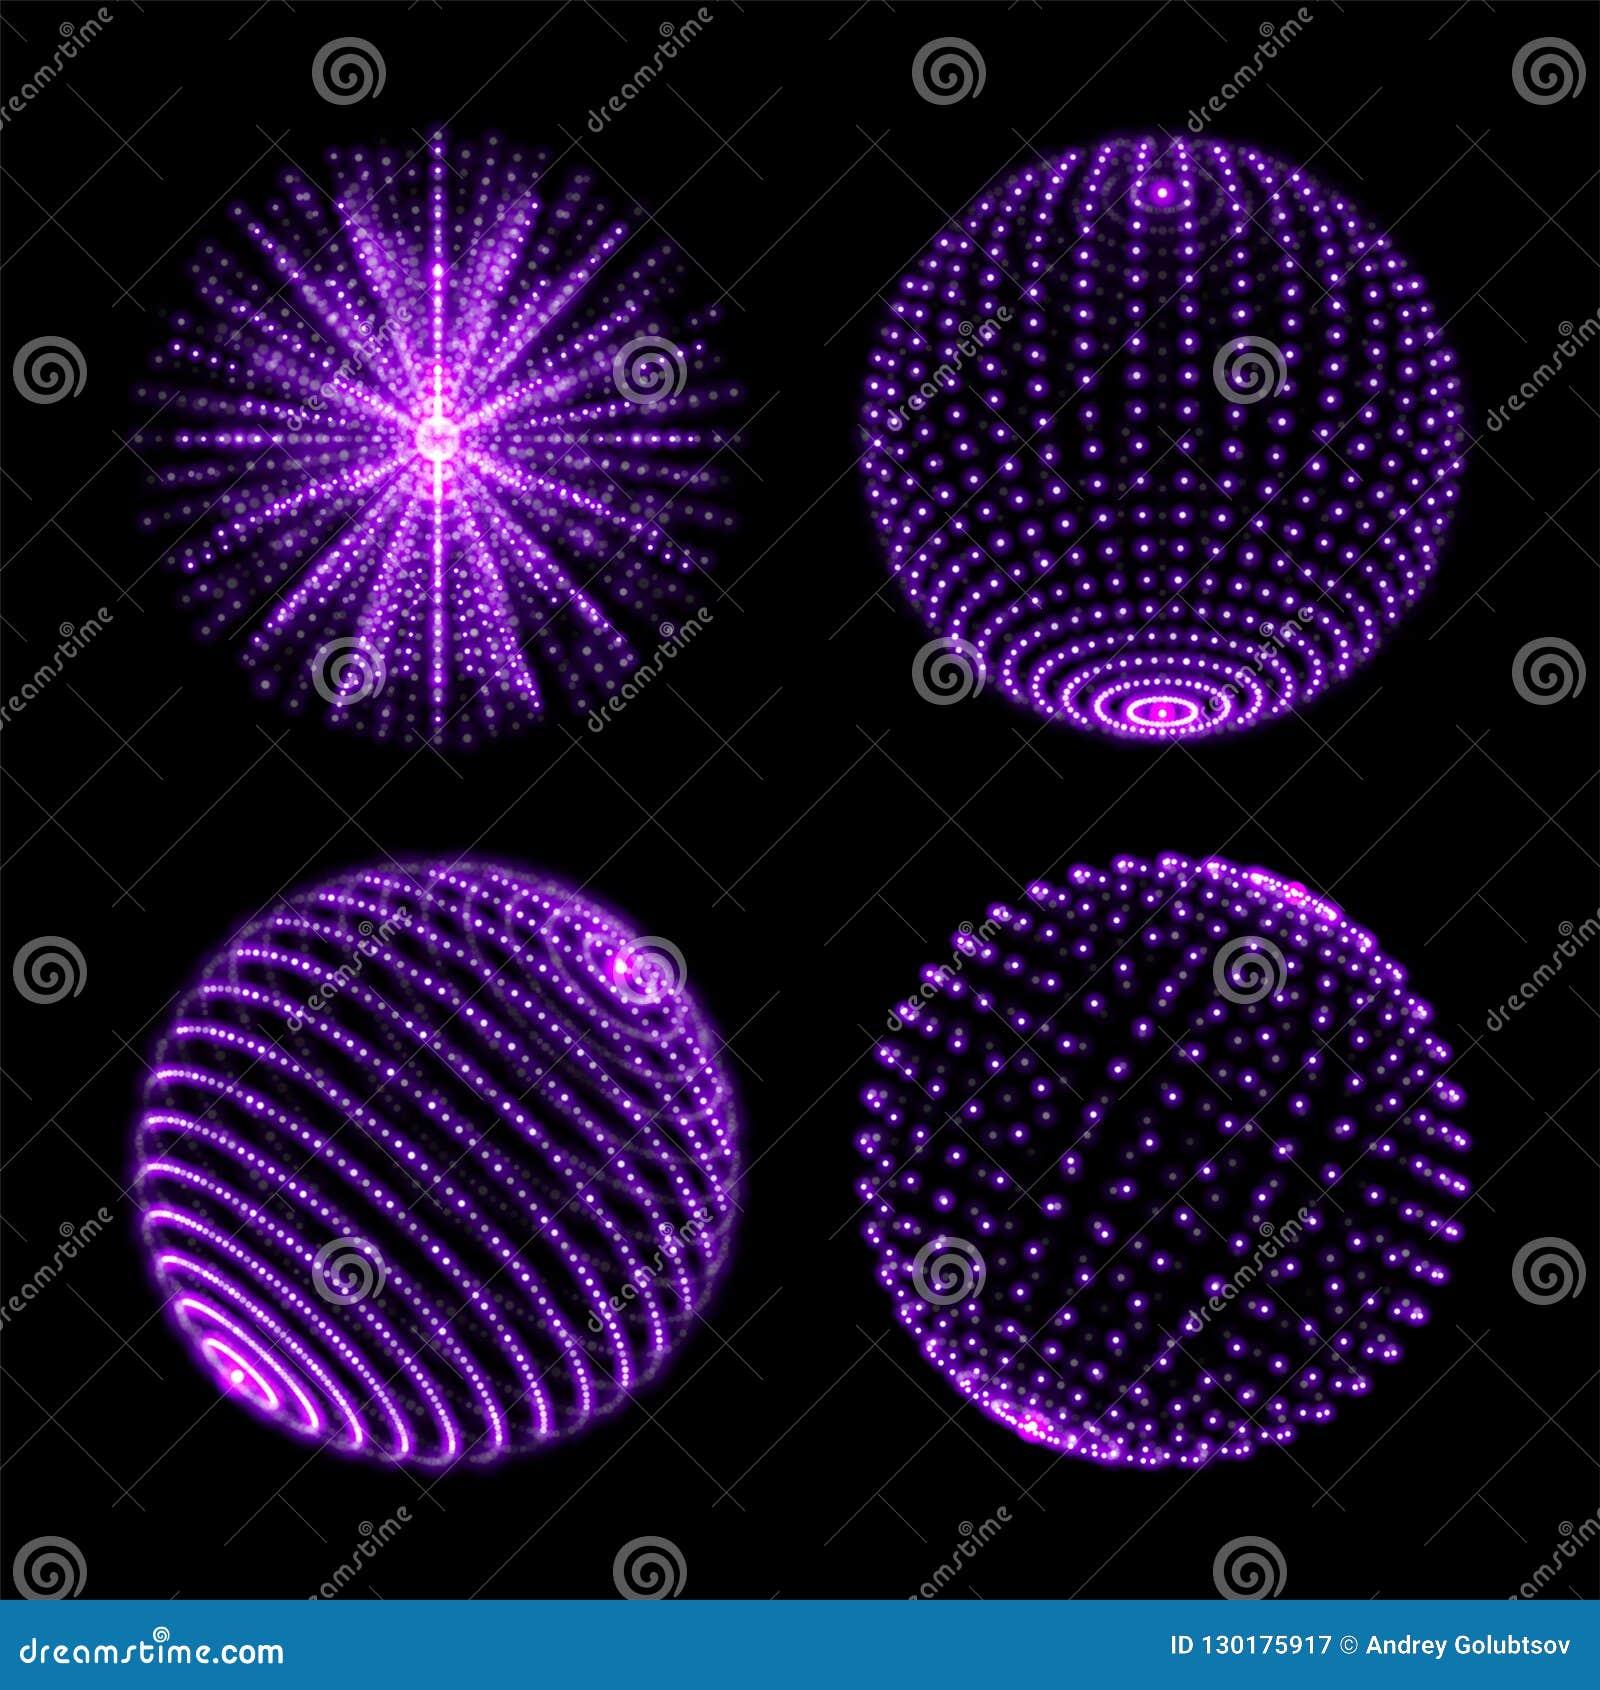 轻的球形球 导航与螺旋紫外闪闪发光和能量焕发光芒或者微粒的霓虹灯地球与小点连接